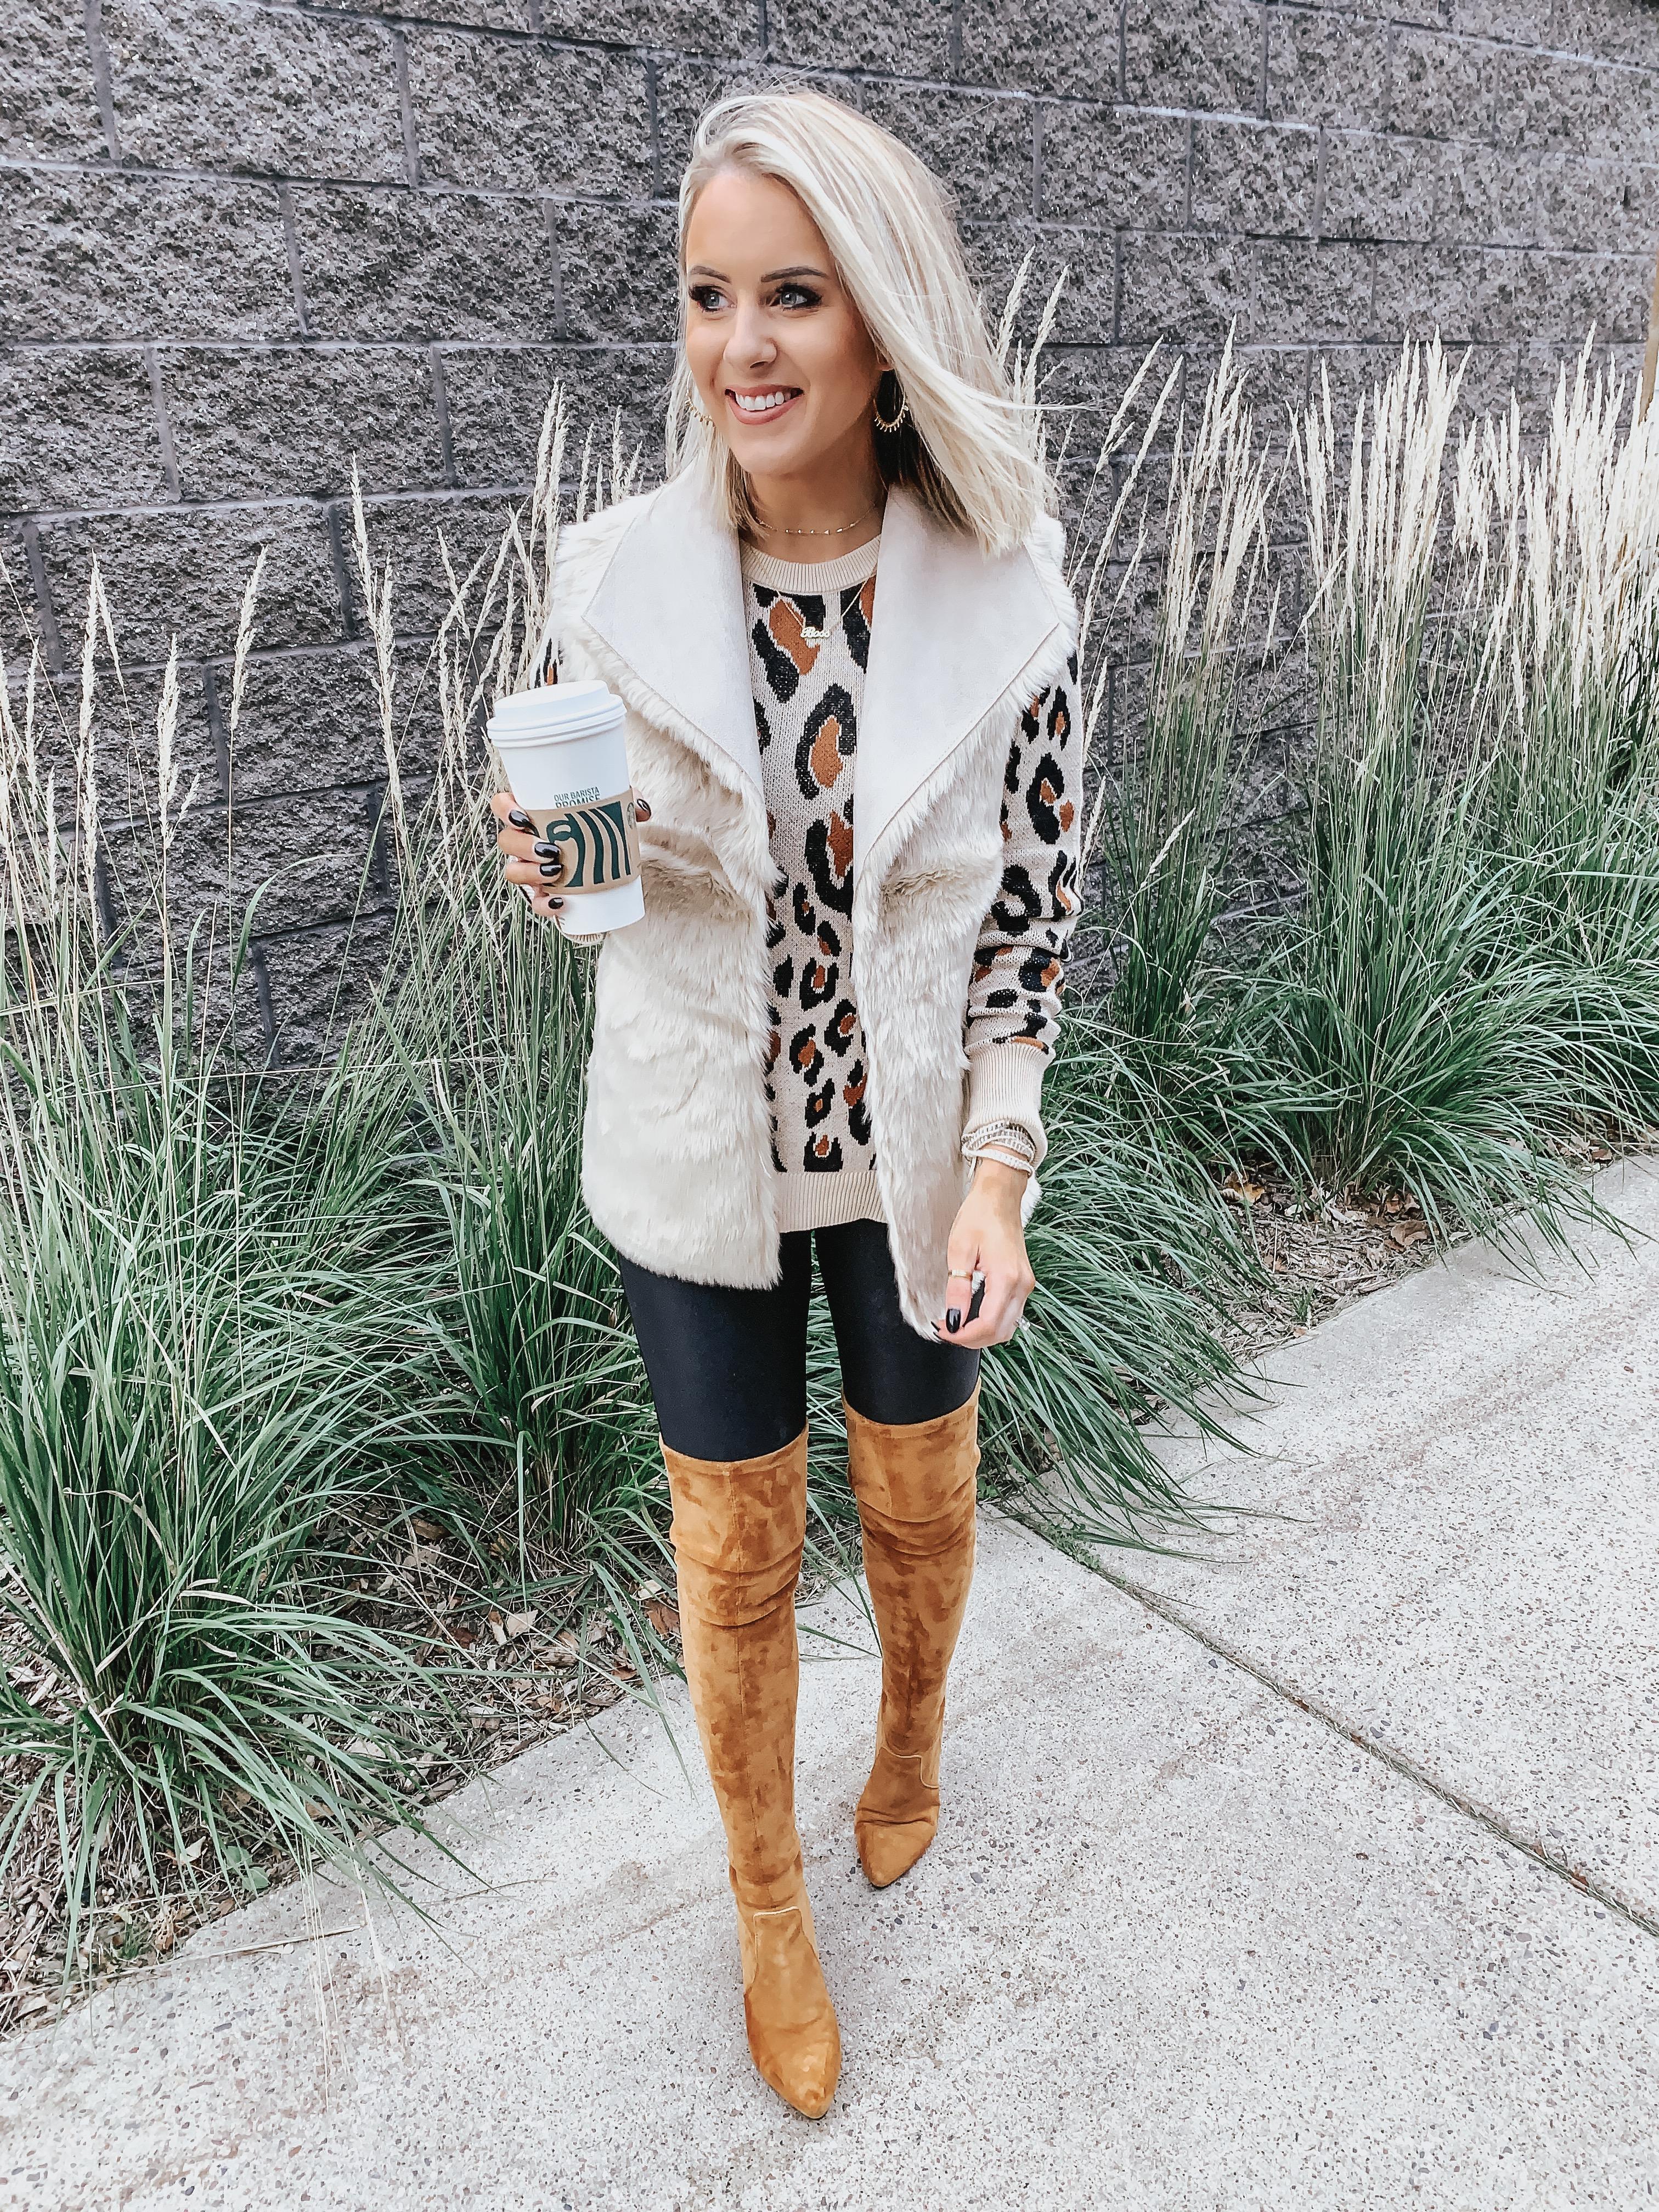 Victoria Emerson BOGO free Sale | Style Blogger Lauren Meyer shares Victoria Emerson BOGO free Sale